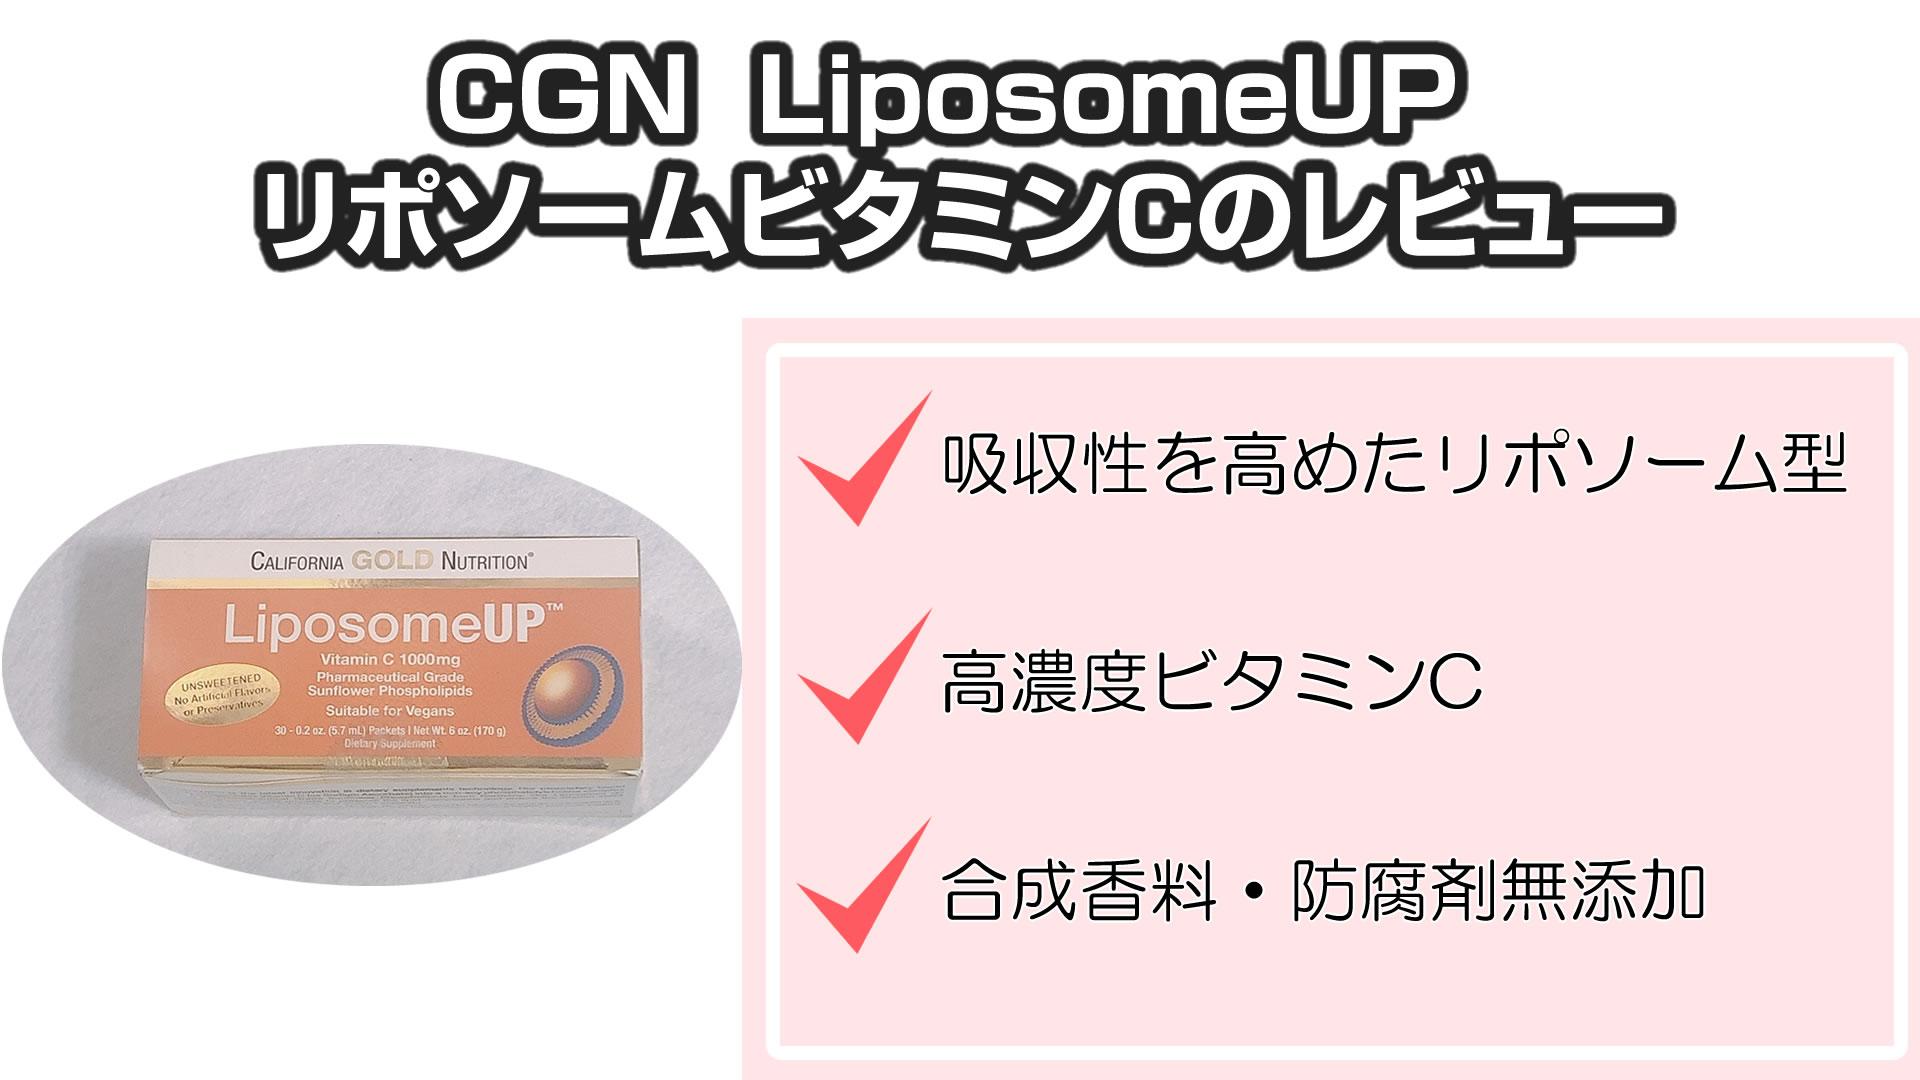 リポソーム型ビタミンCが1000mg!CGN LiposomeUP リポソームビタミンCのレビュー